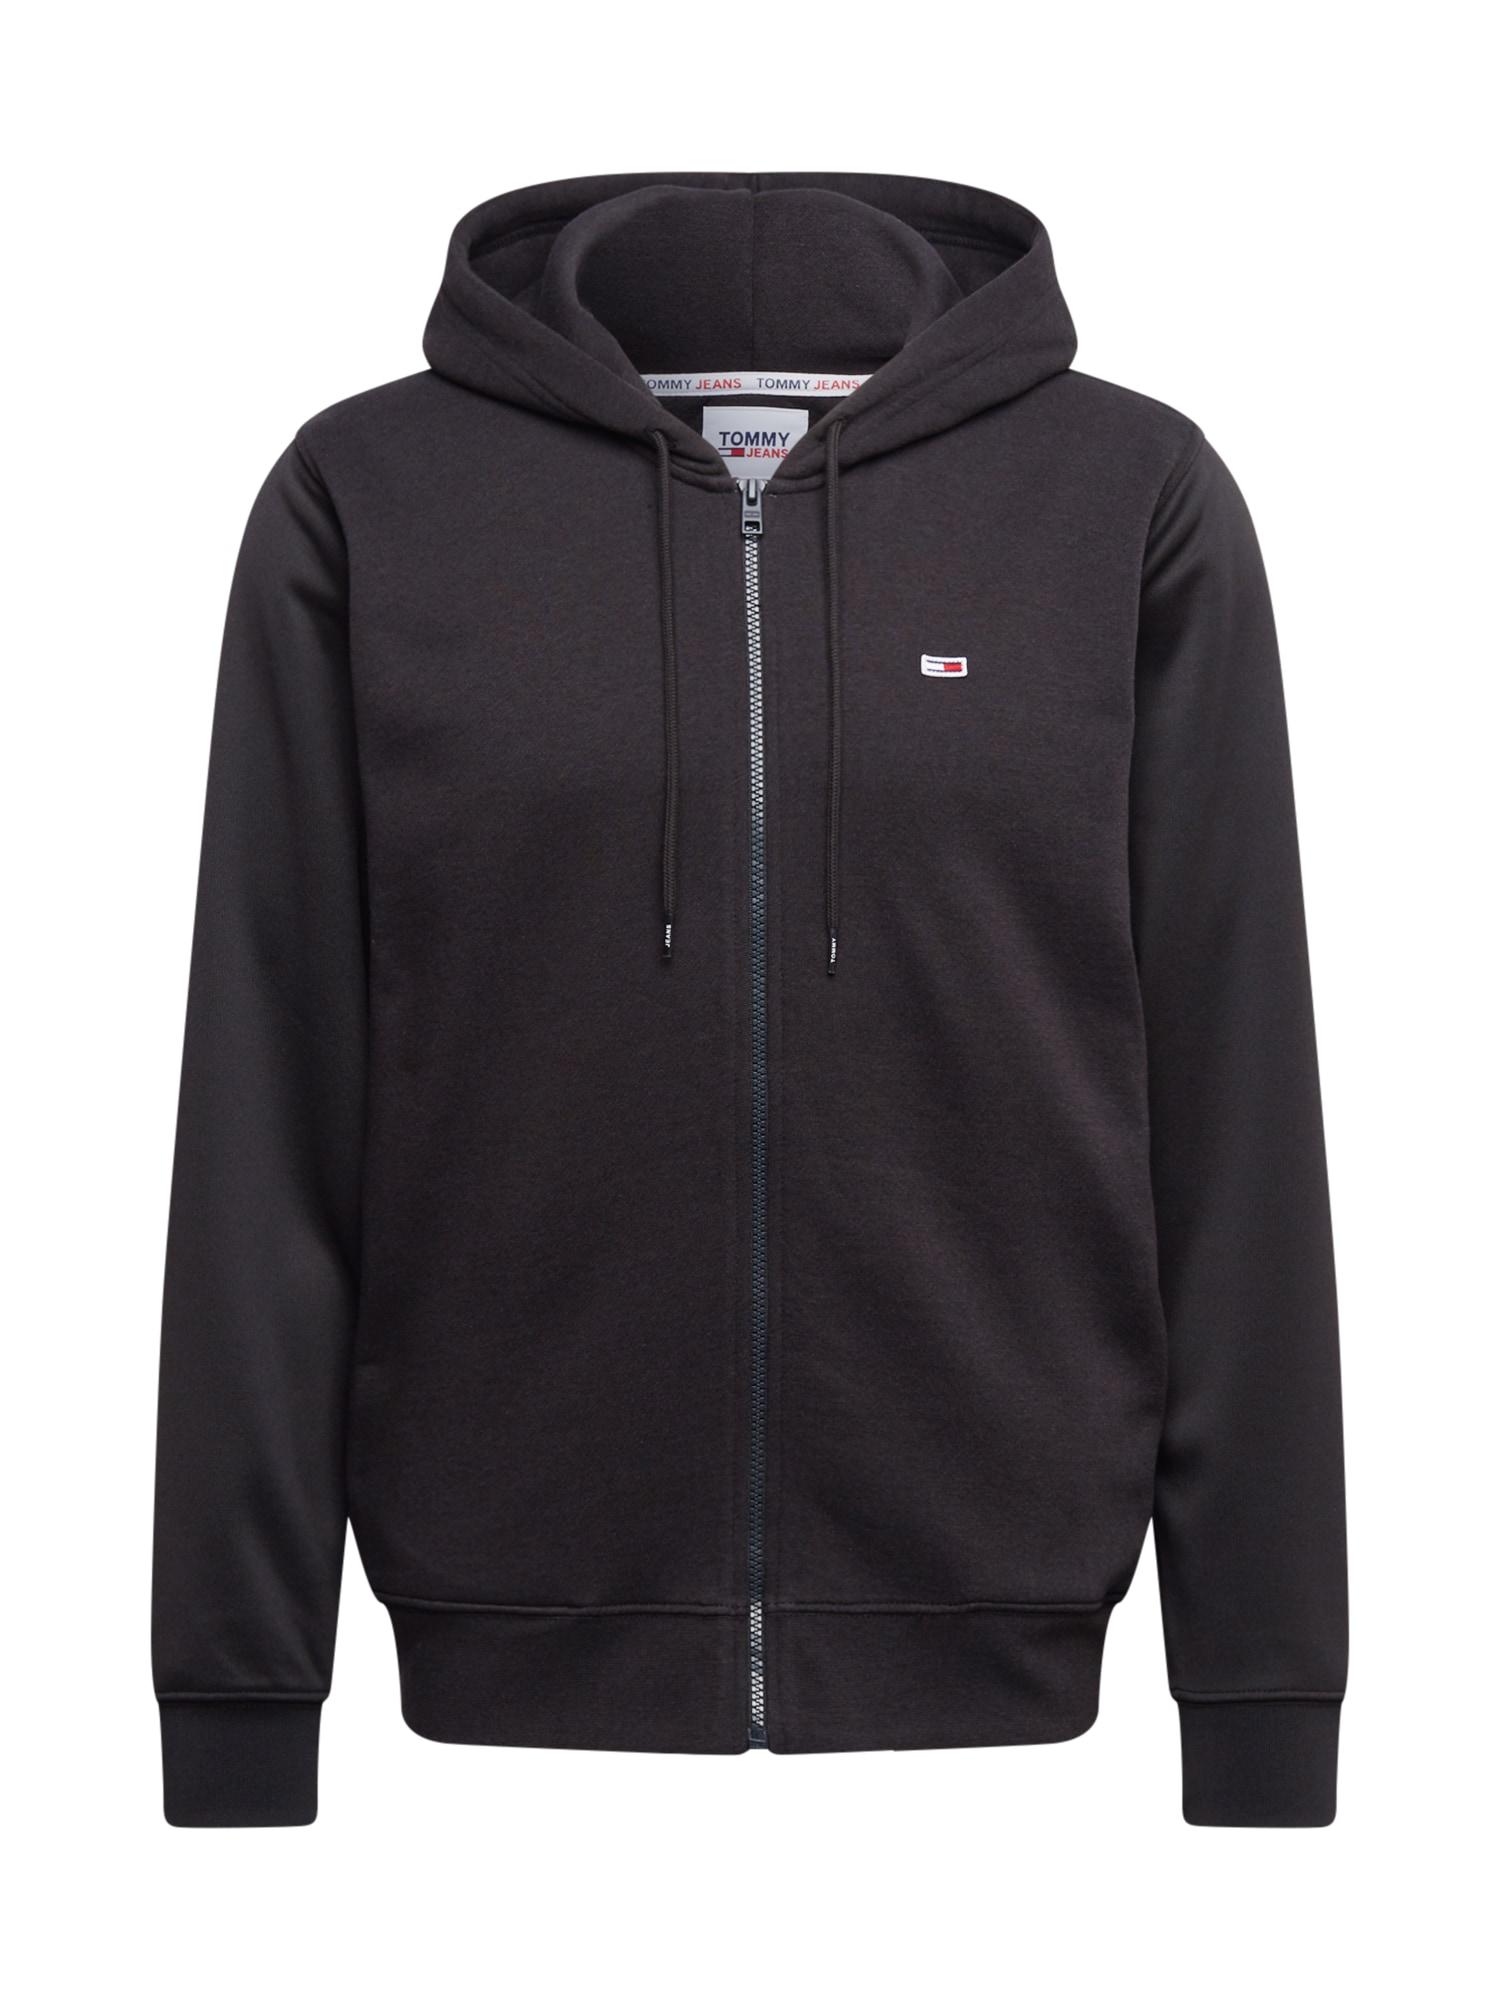 Tommy Jeans Džemperis juoda / balta / šviesiai raudona / purpurinė / alyvinė spalva